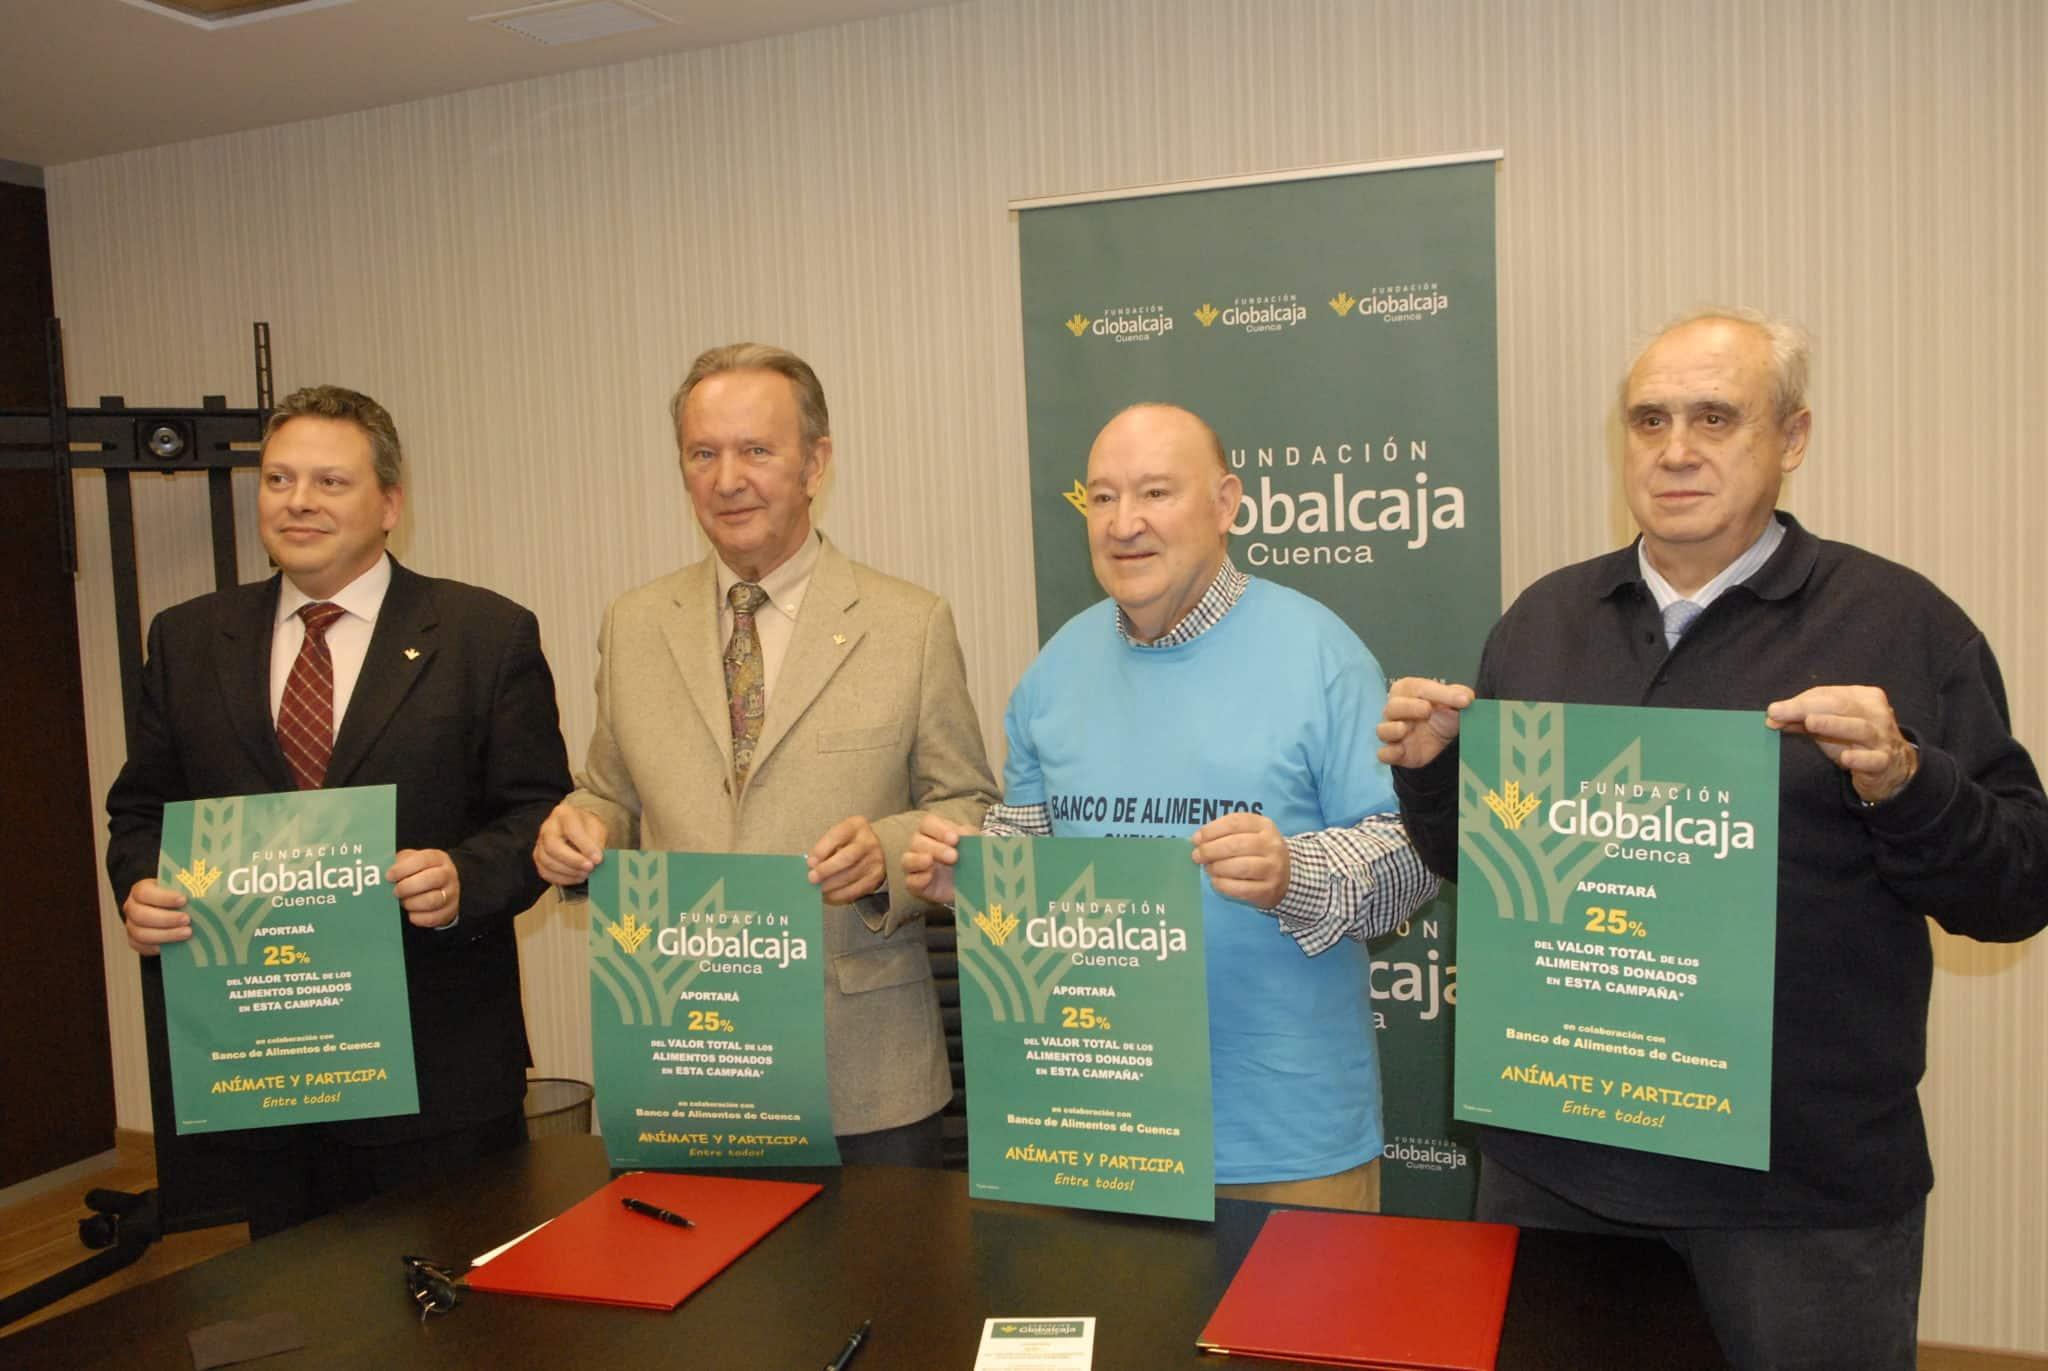 Renovado el convenio de la Fundación Globalcaja Cuenca con el Banco de Alimentos